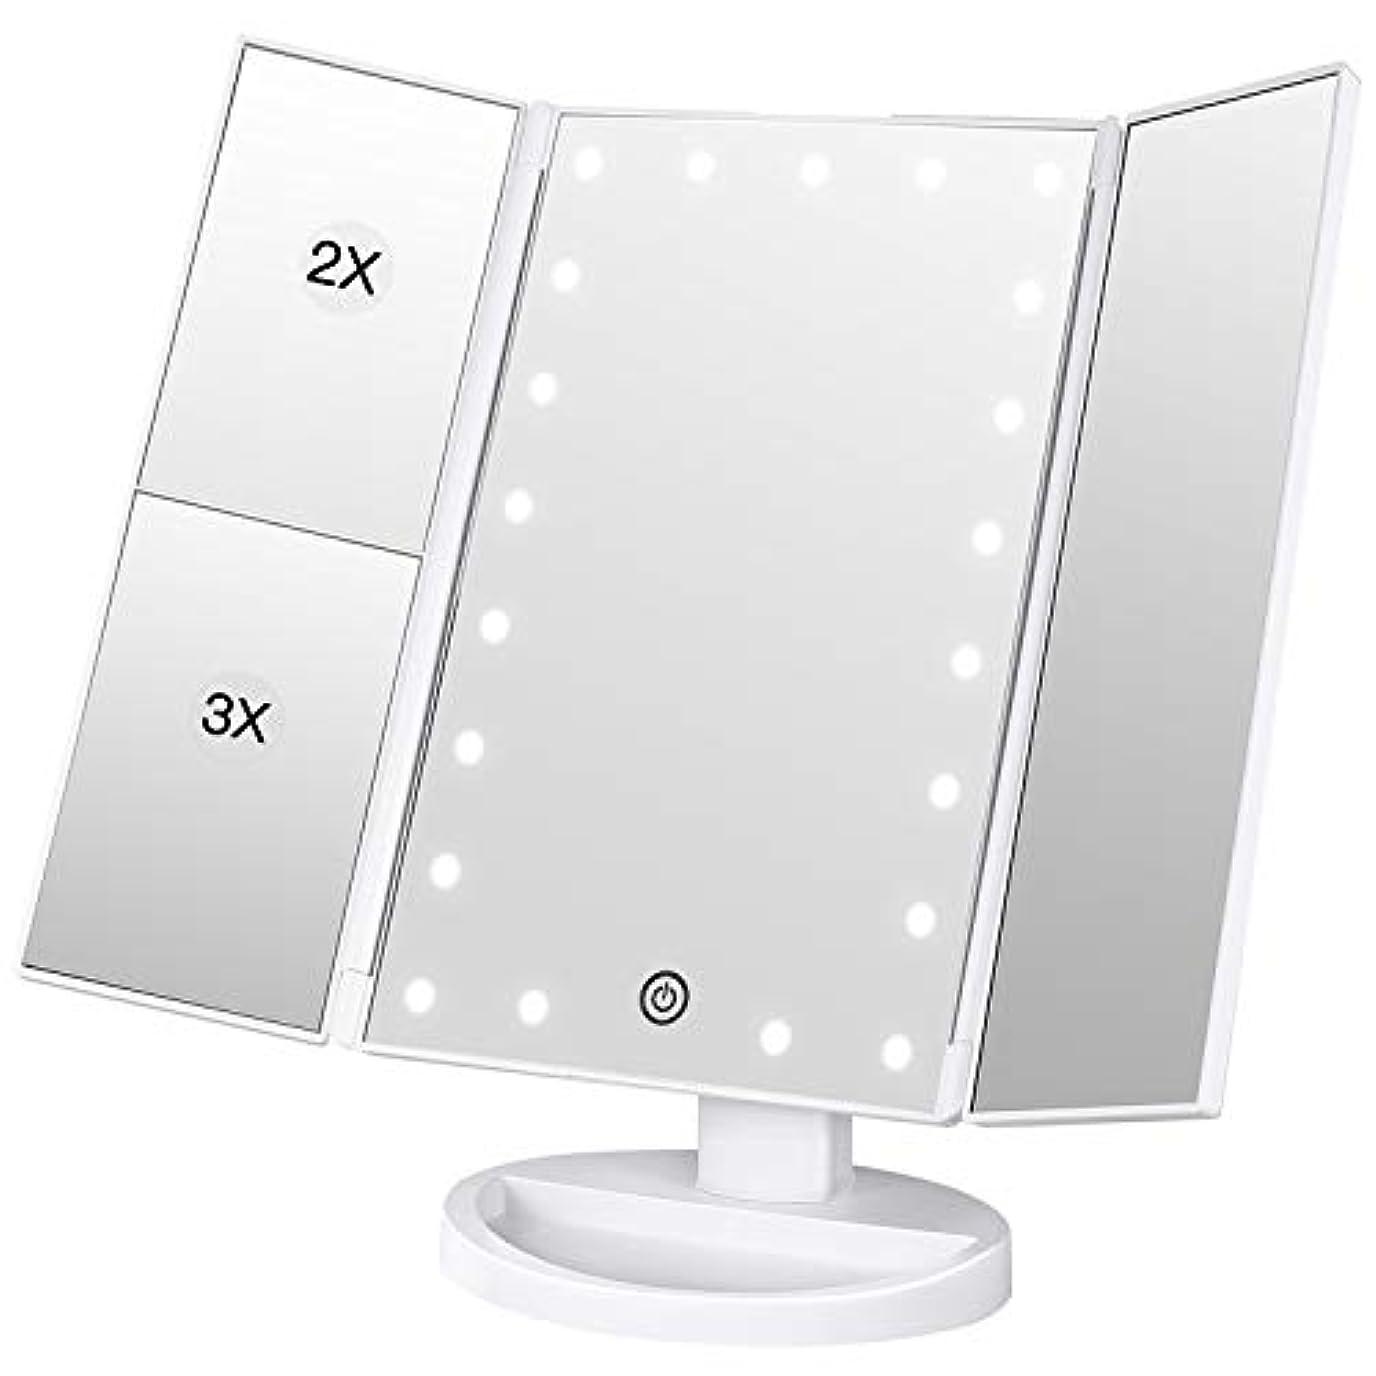 心配する実行可能再編成するBESTOPE 化粧鏡 化粧ミラー 鏡 三面鏡 女優ミラー 卓上 led付き 折りたたみ 拡大鏡 2&3倍 明るさ調節可能 180°回転 電池&USB 2WAY給電